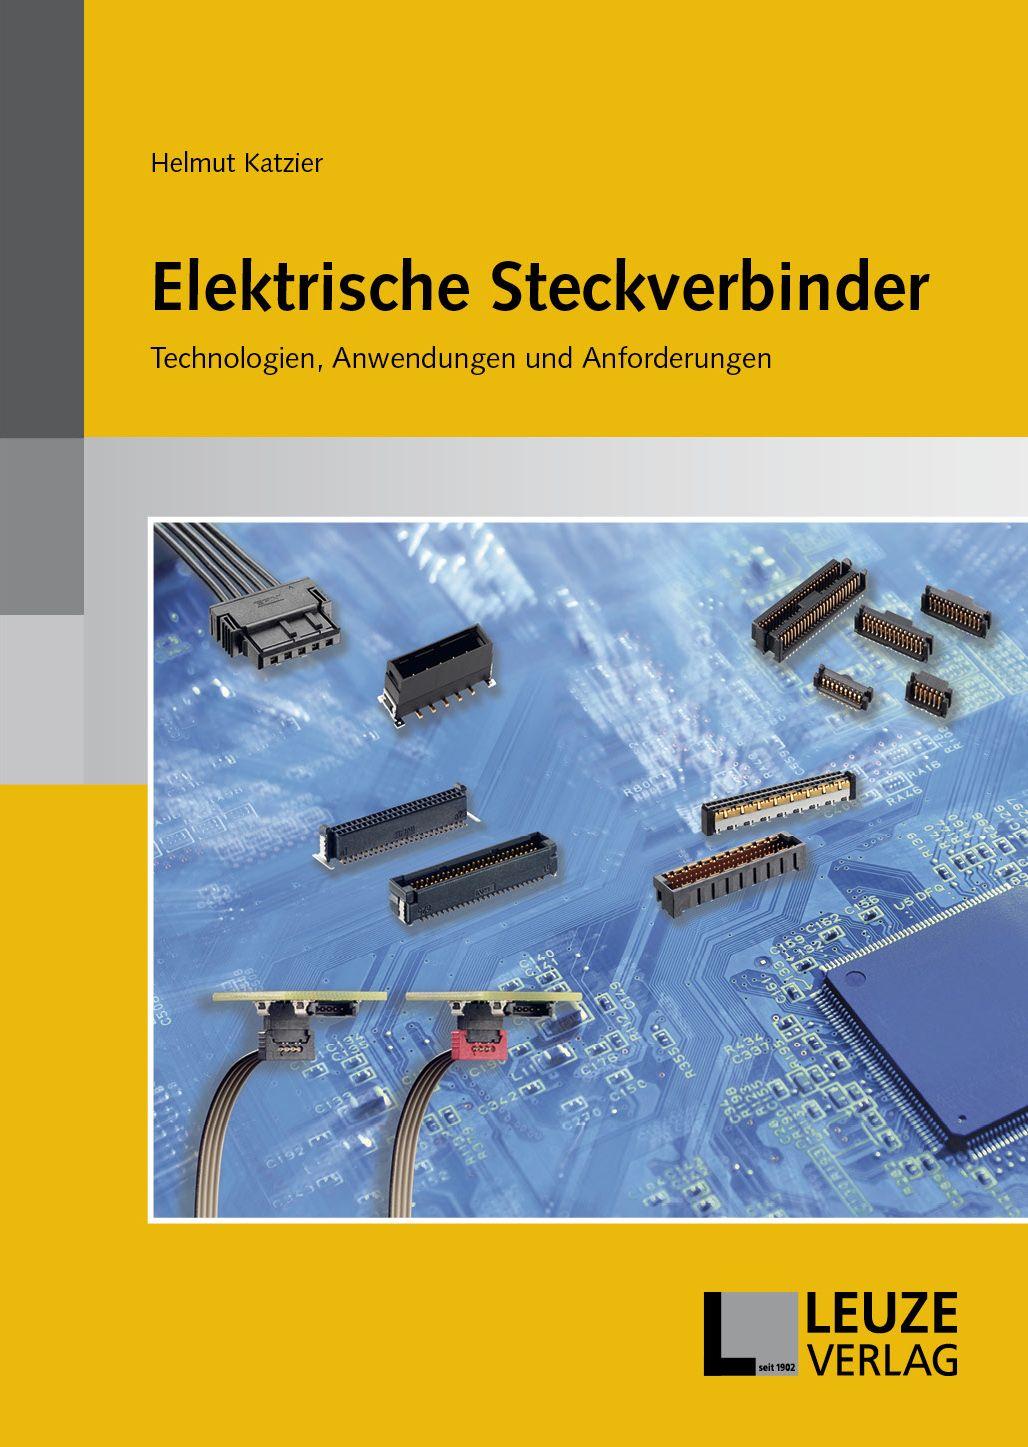 Ziemlich Elektrische Anforderungen Bilder - Elektrische Schaltplan ...